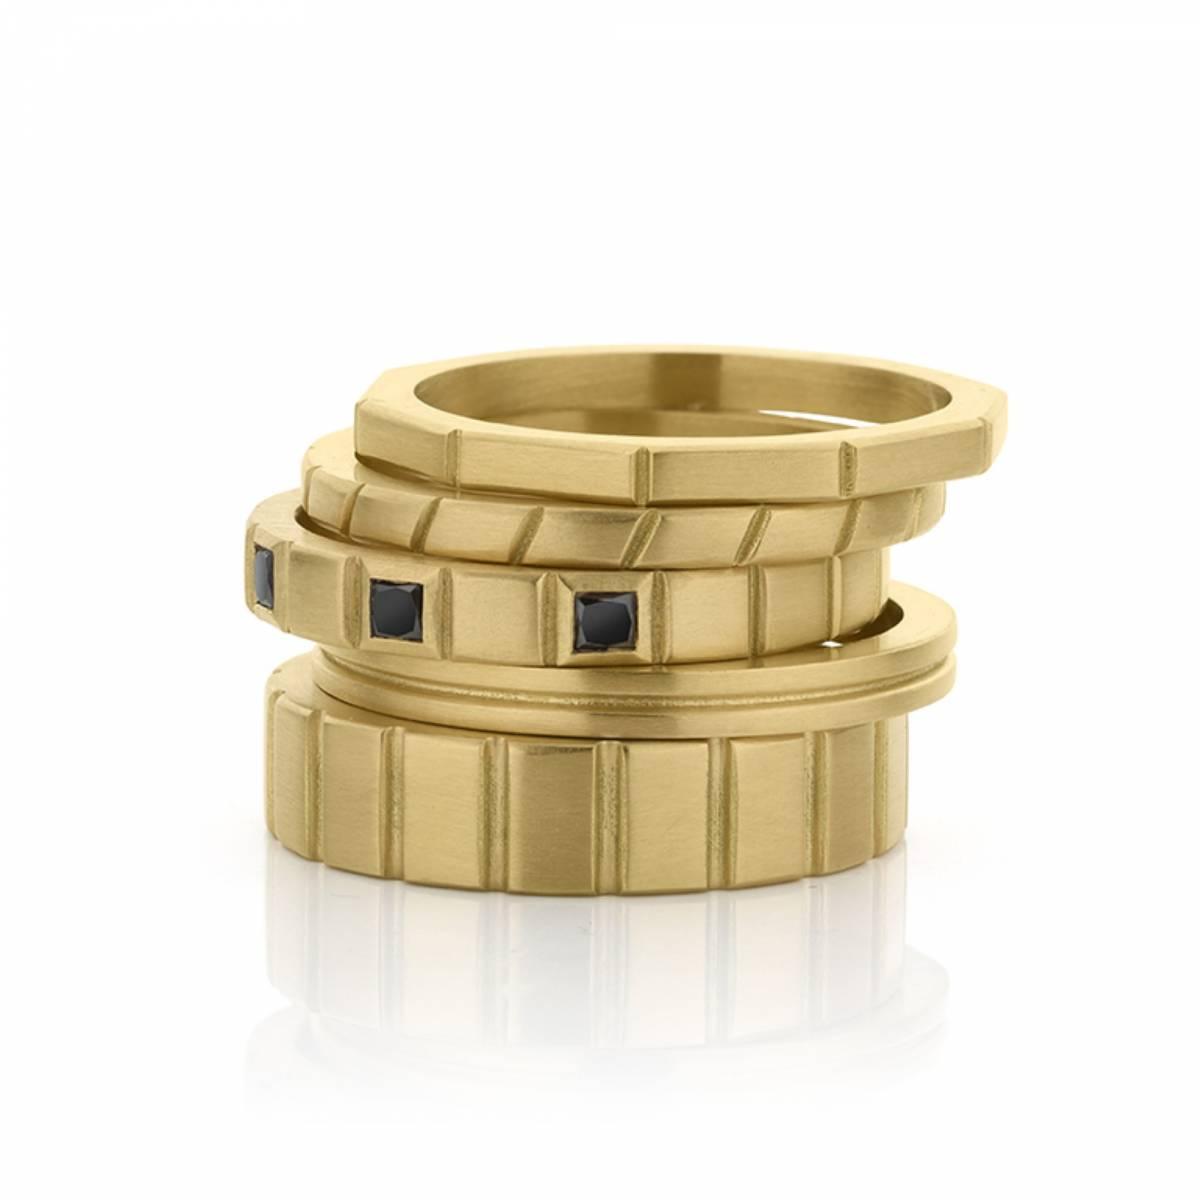 KUBINI - Juwelen - fotograaf Erwin Maes - House of Weddings (8)